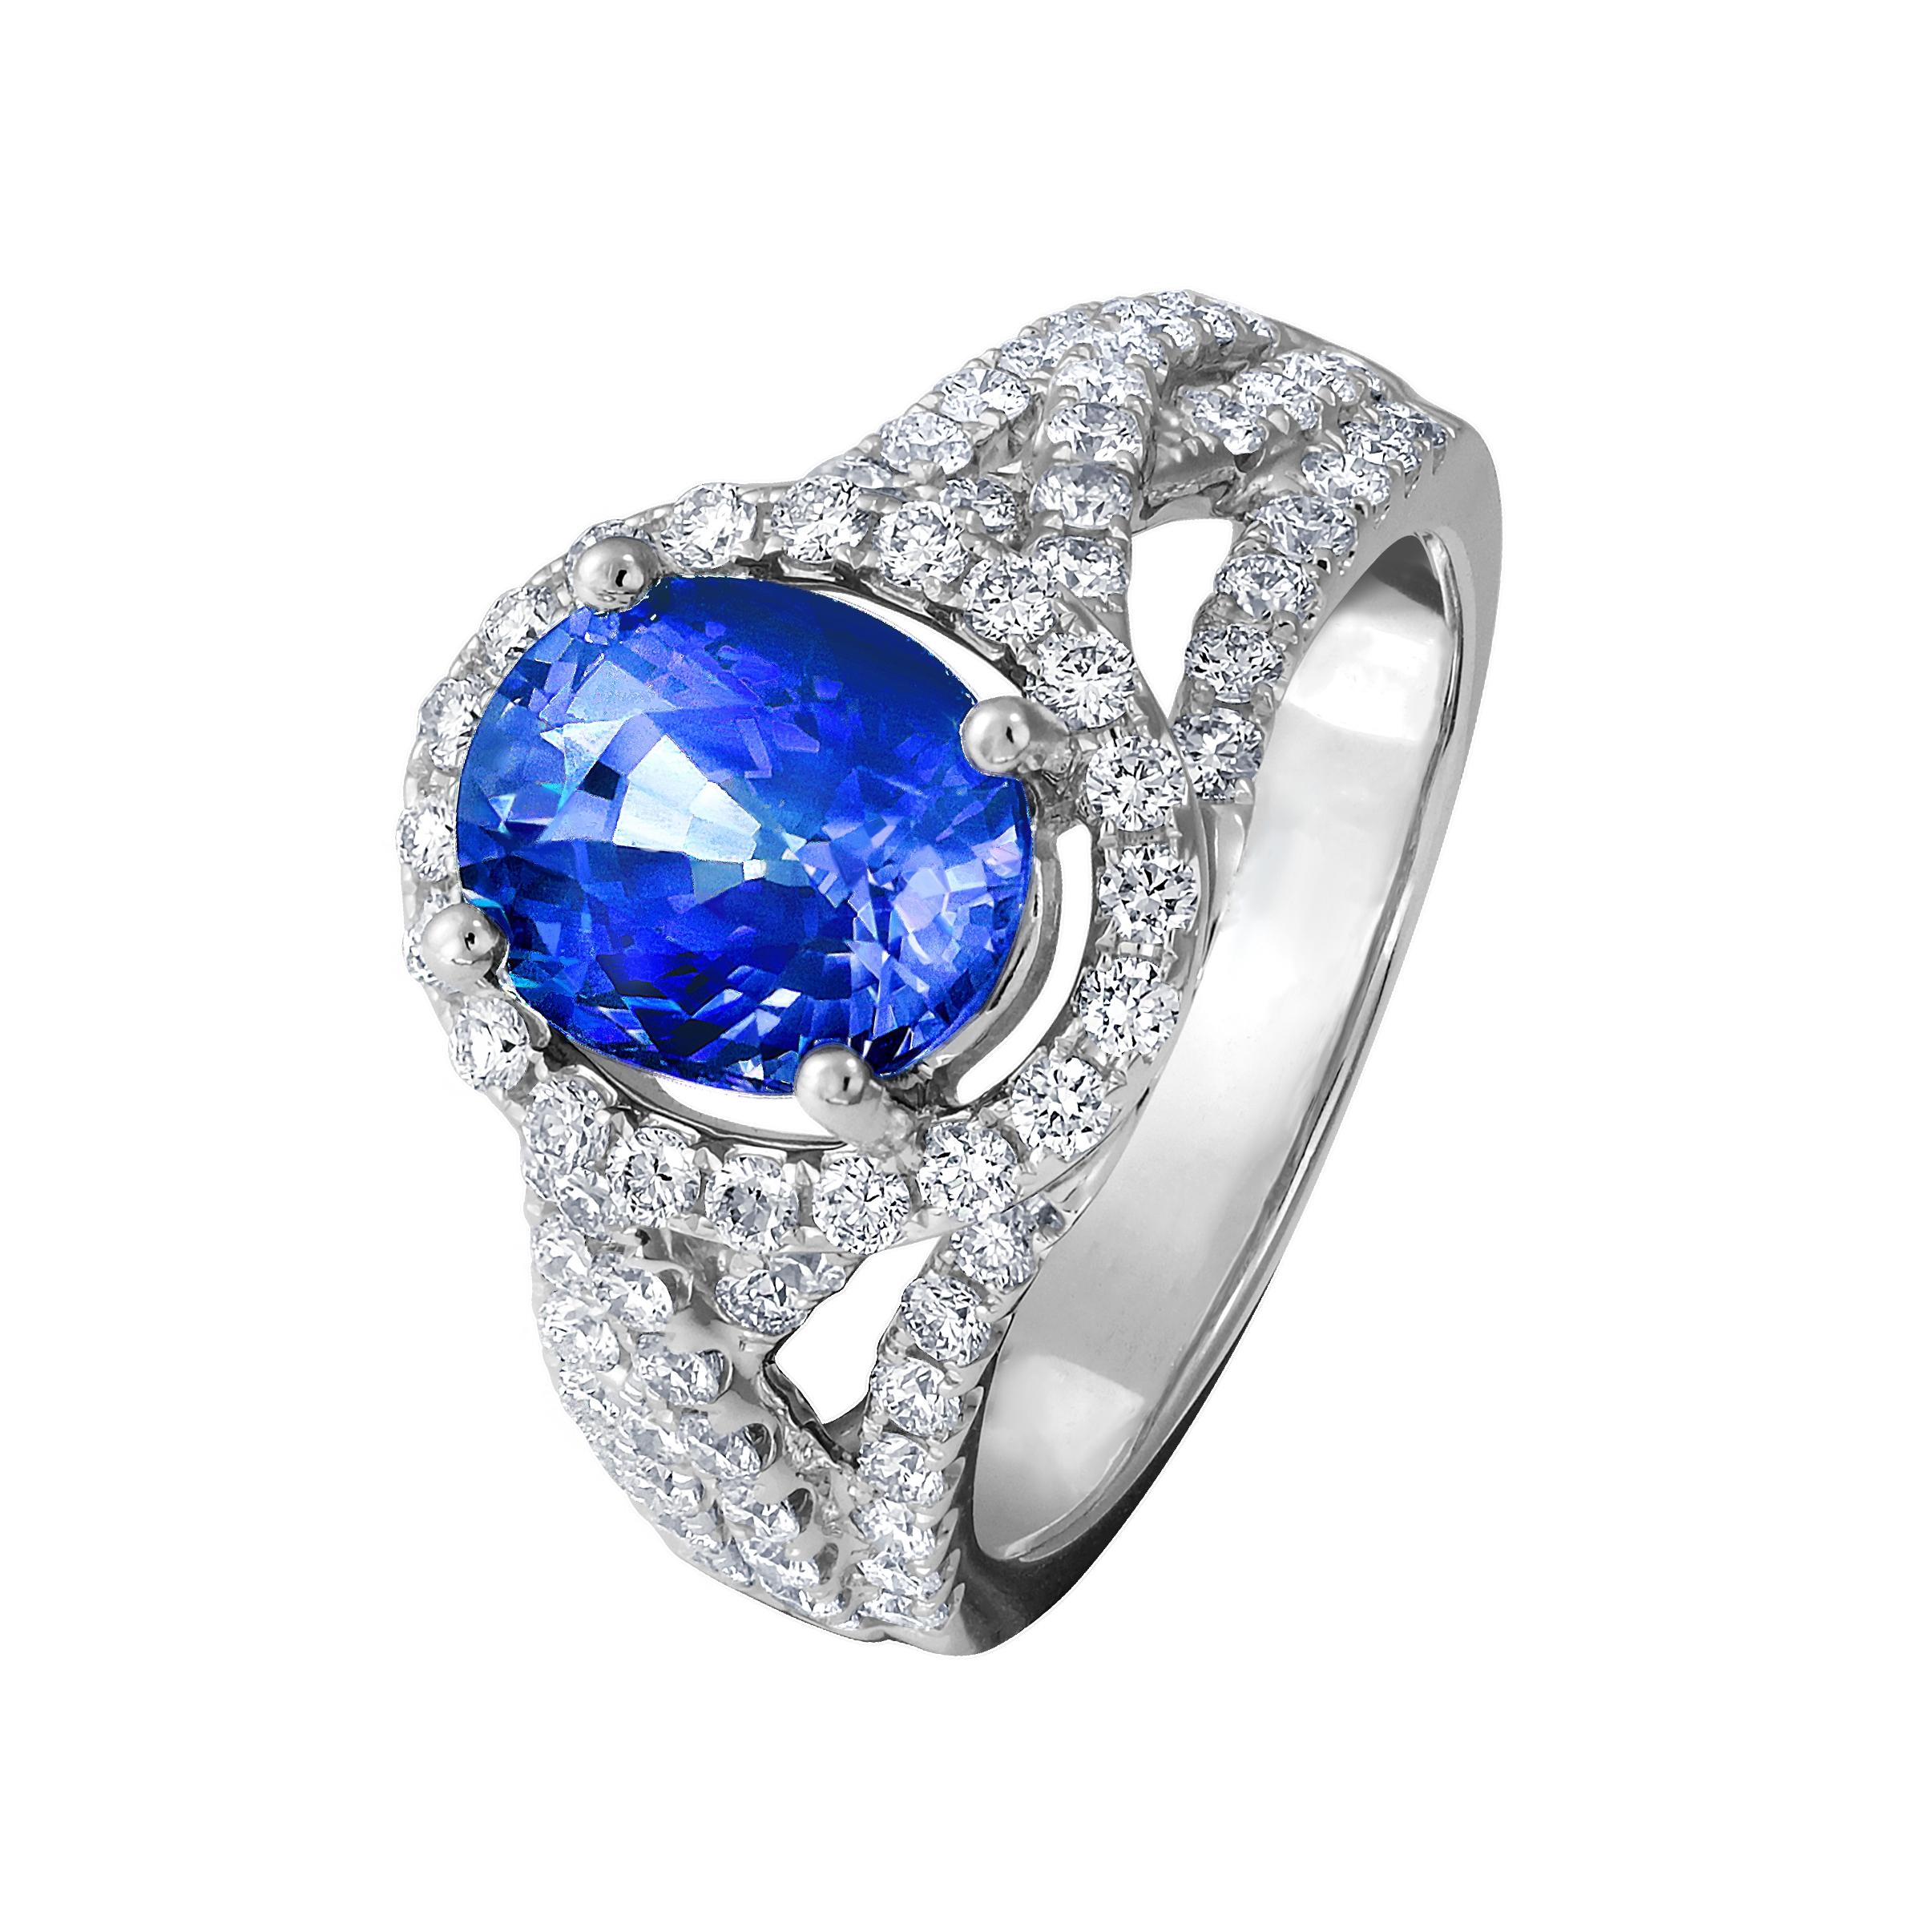 3.13克拉圓型藍寶石戒指